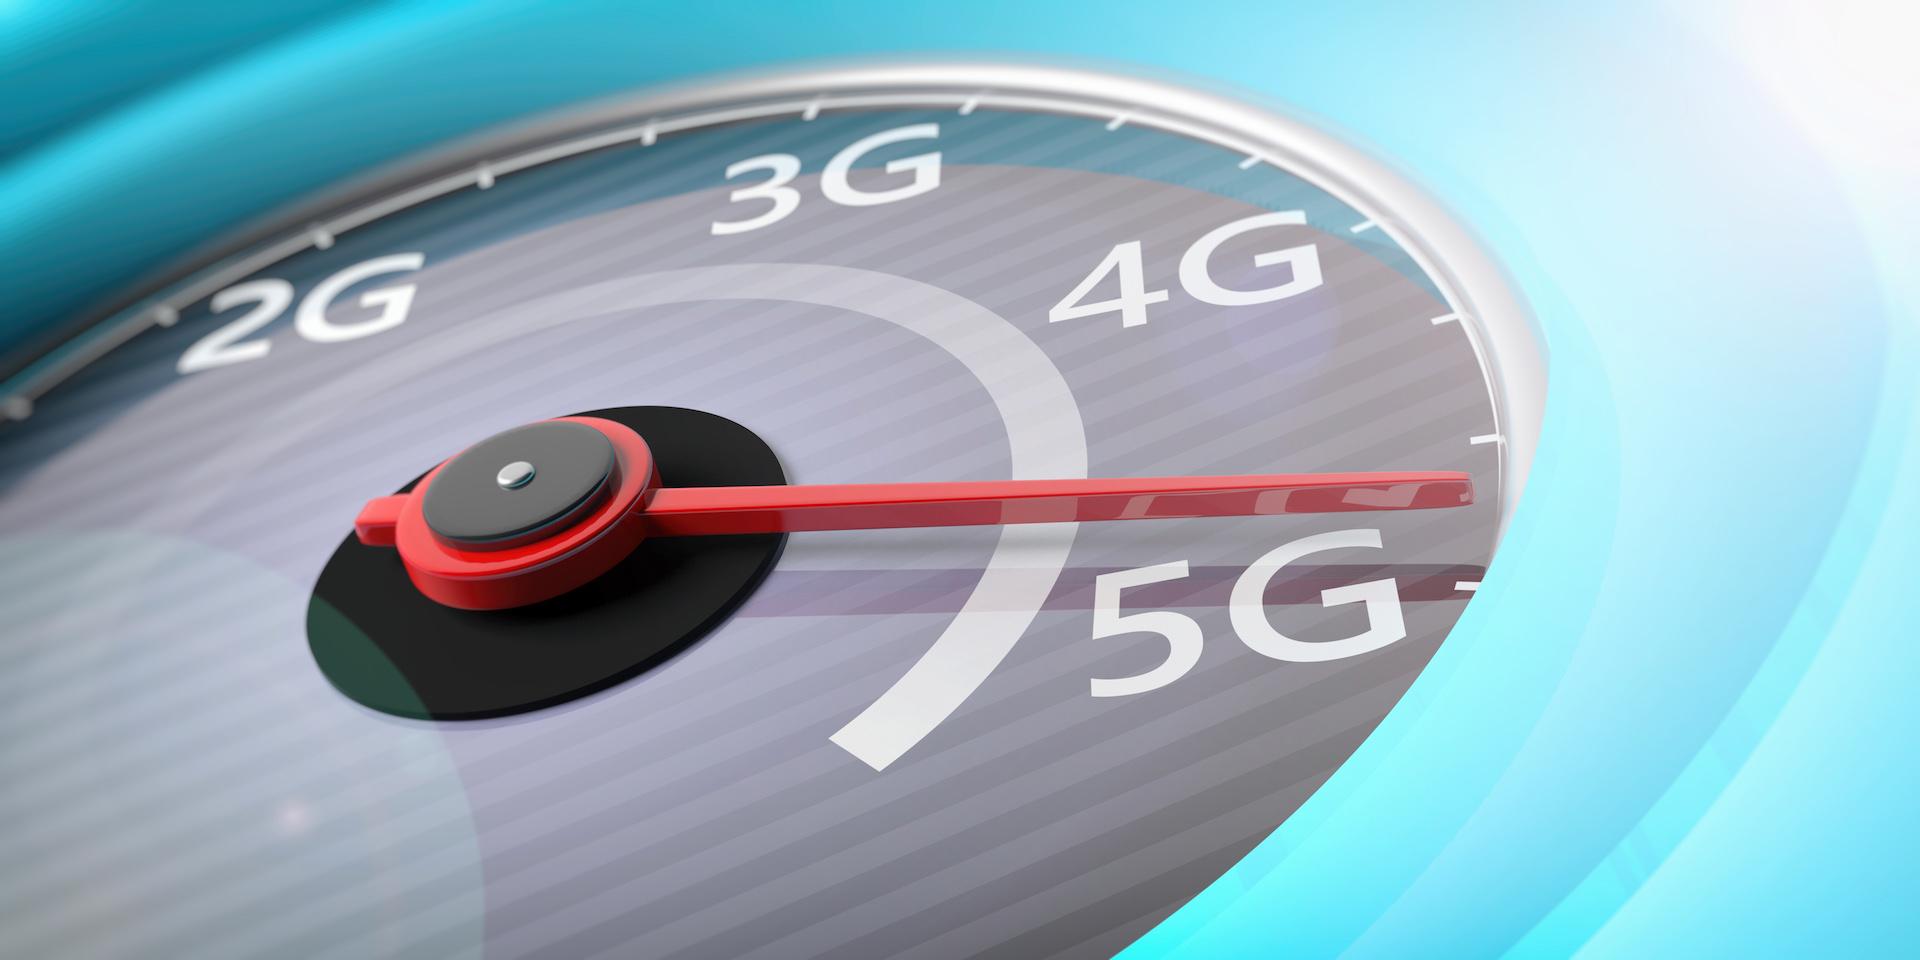 Ranking the World's Fastest (& Slowest) Internet Speeds